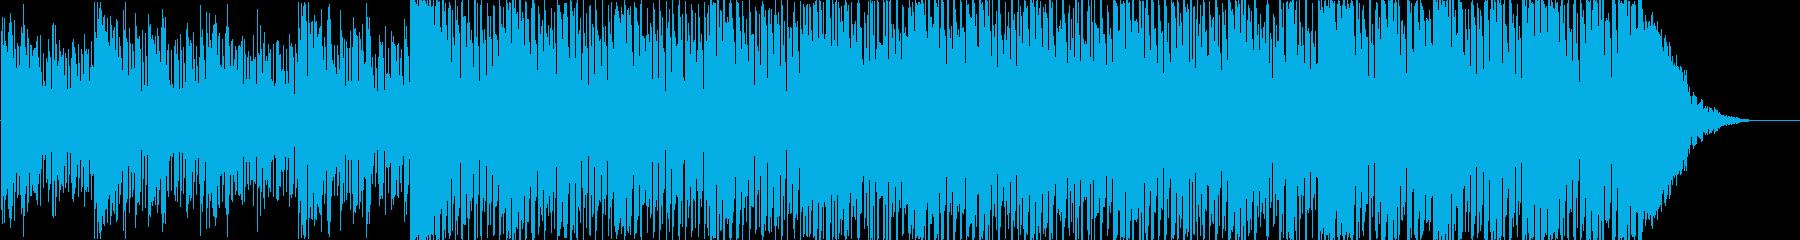 幻想的 落ち着いた 冷静になる インストの再生済みの波形